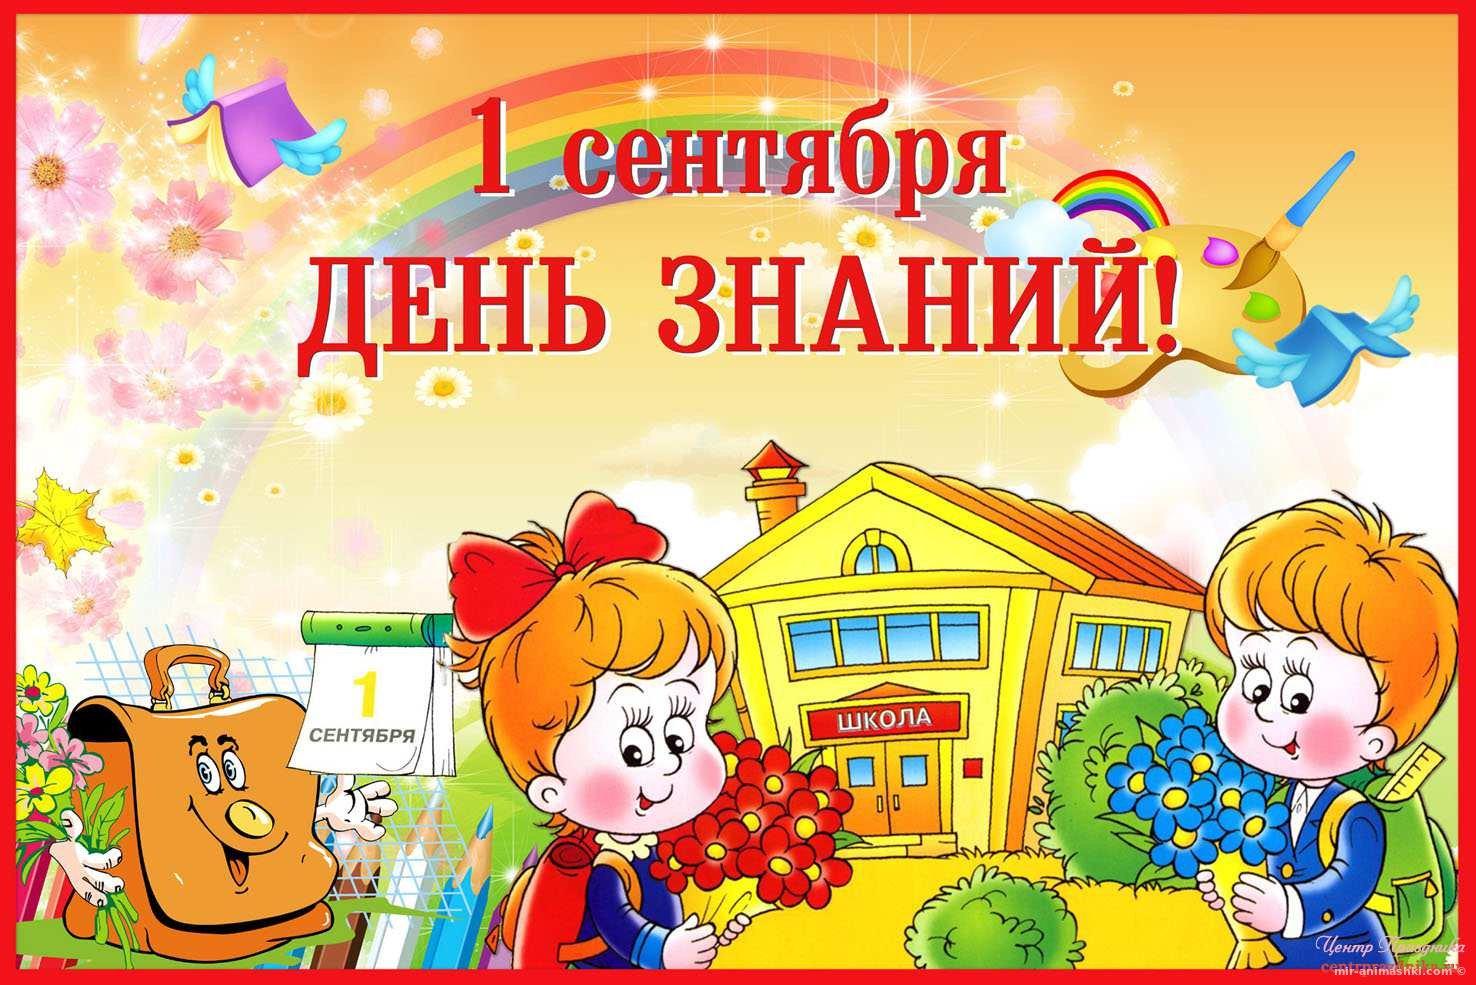 Рисунок открытки к 1 сентября